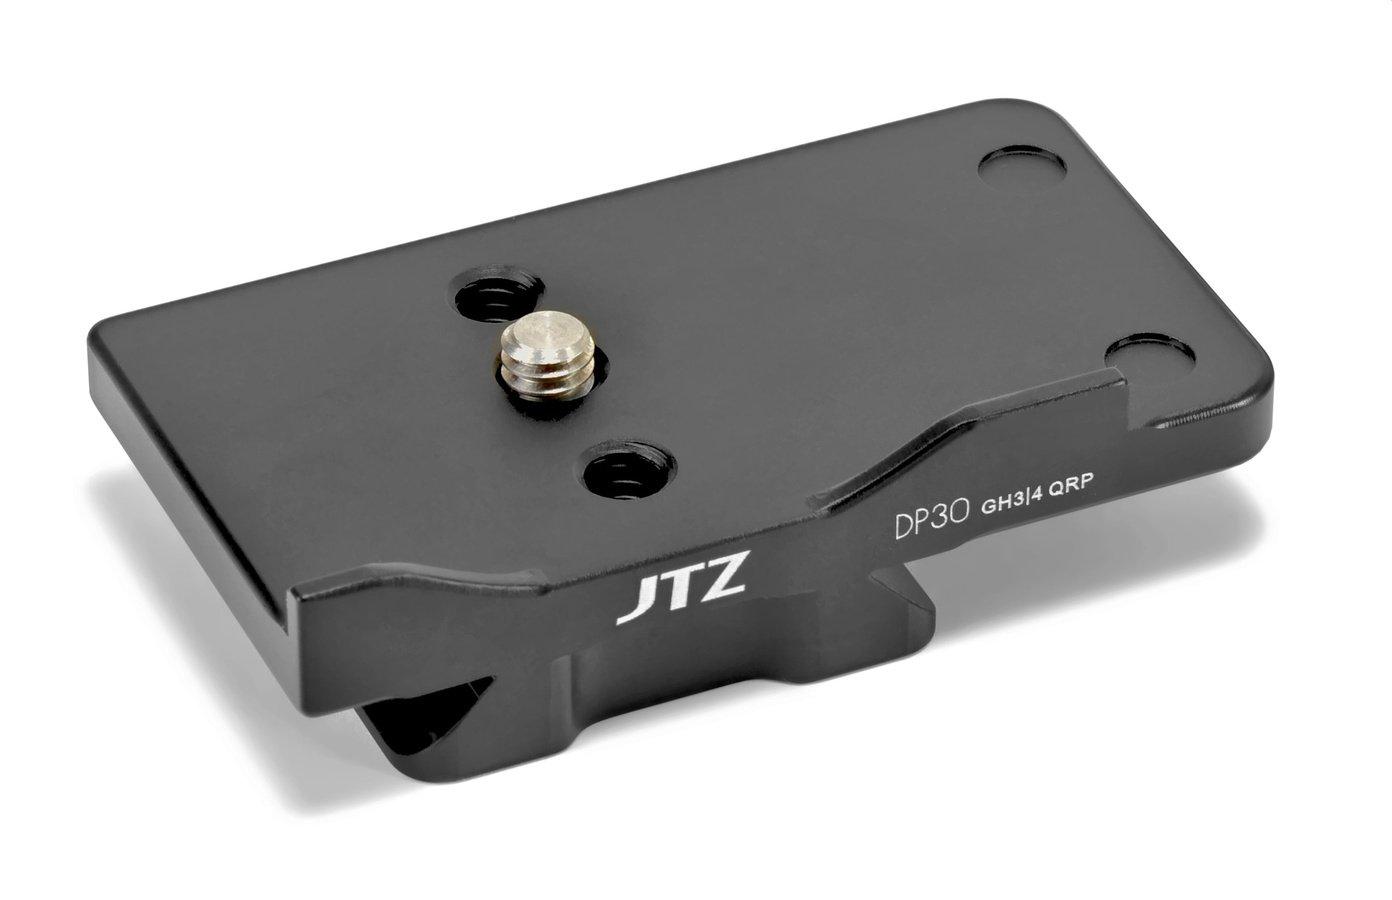 JTZ DP30 GH3/4 QRP Ersatz Schnellwechselplatte für GH Cage.